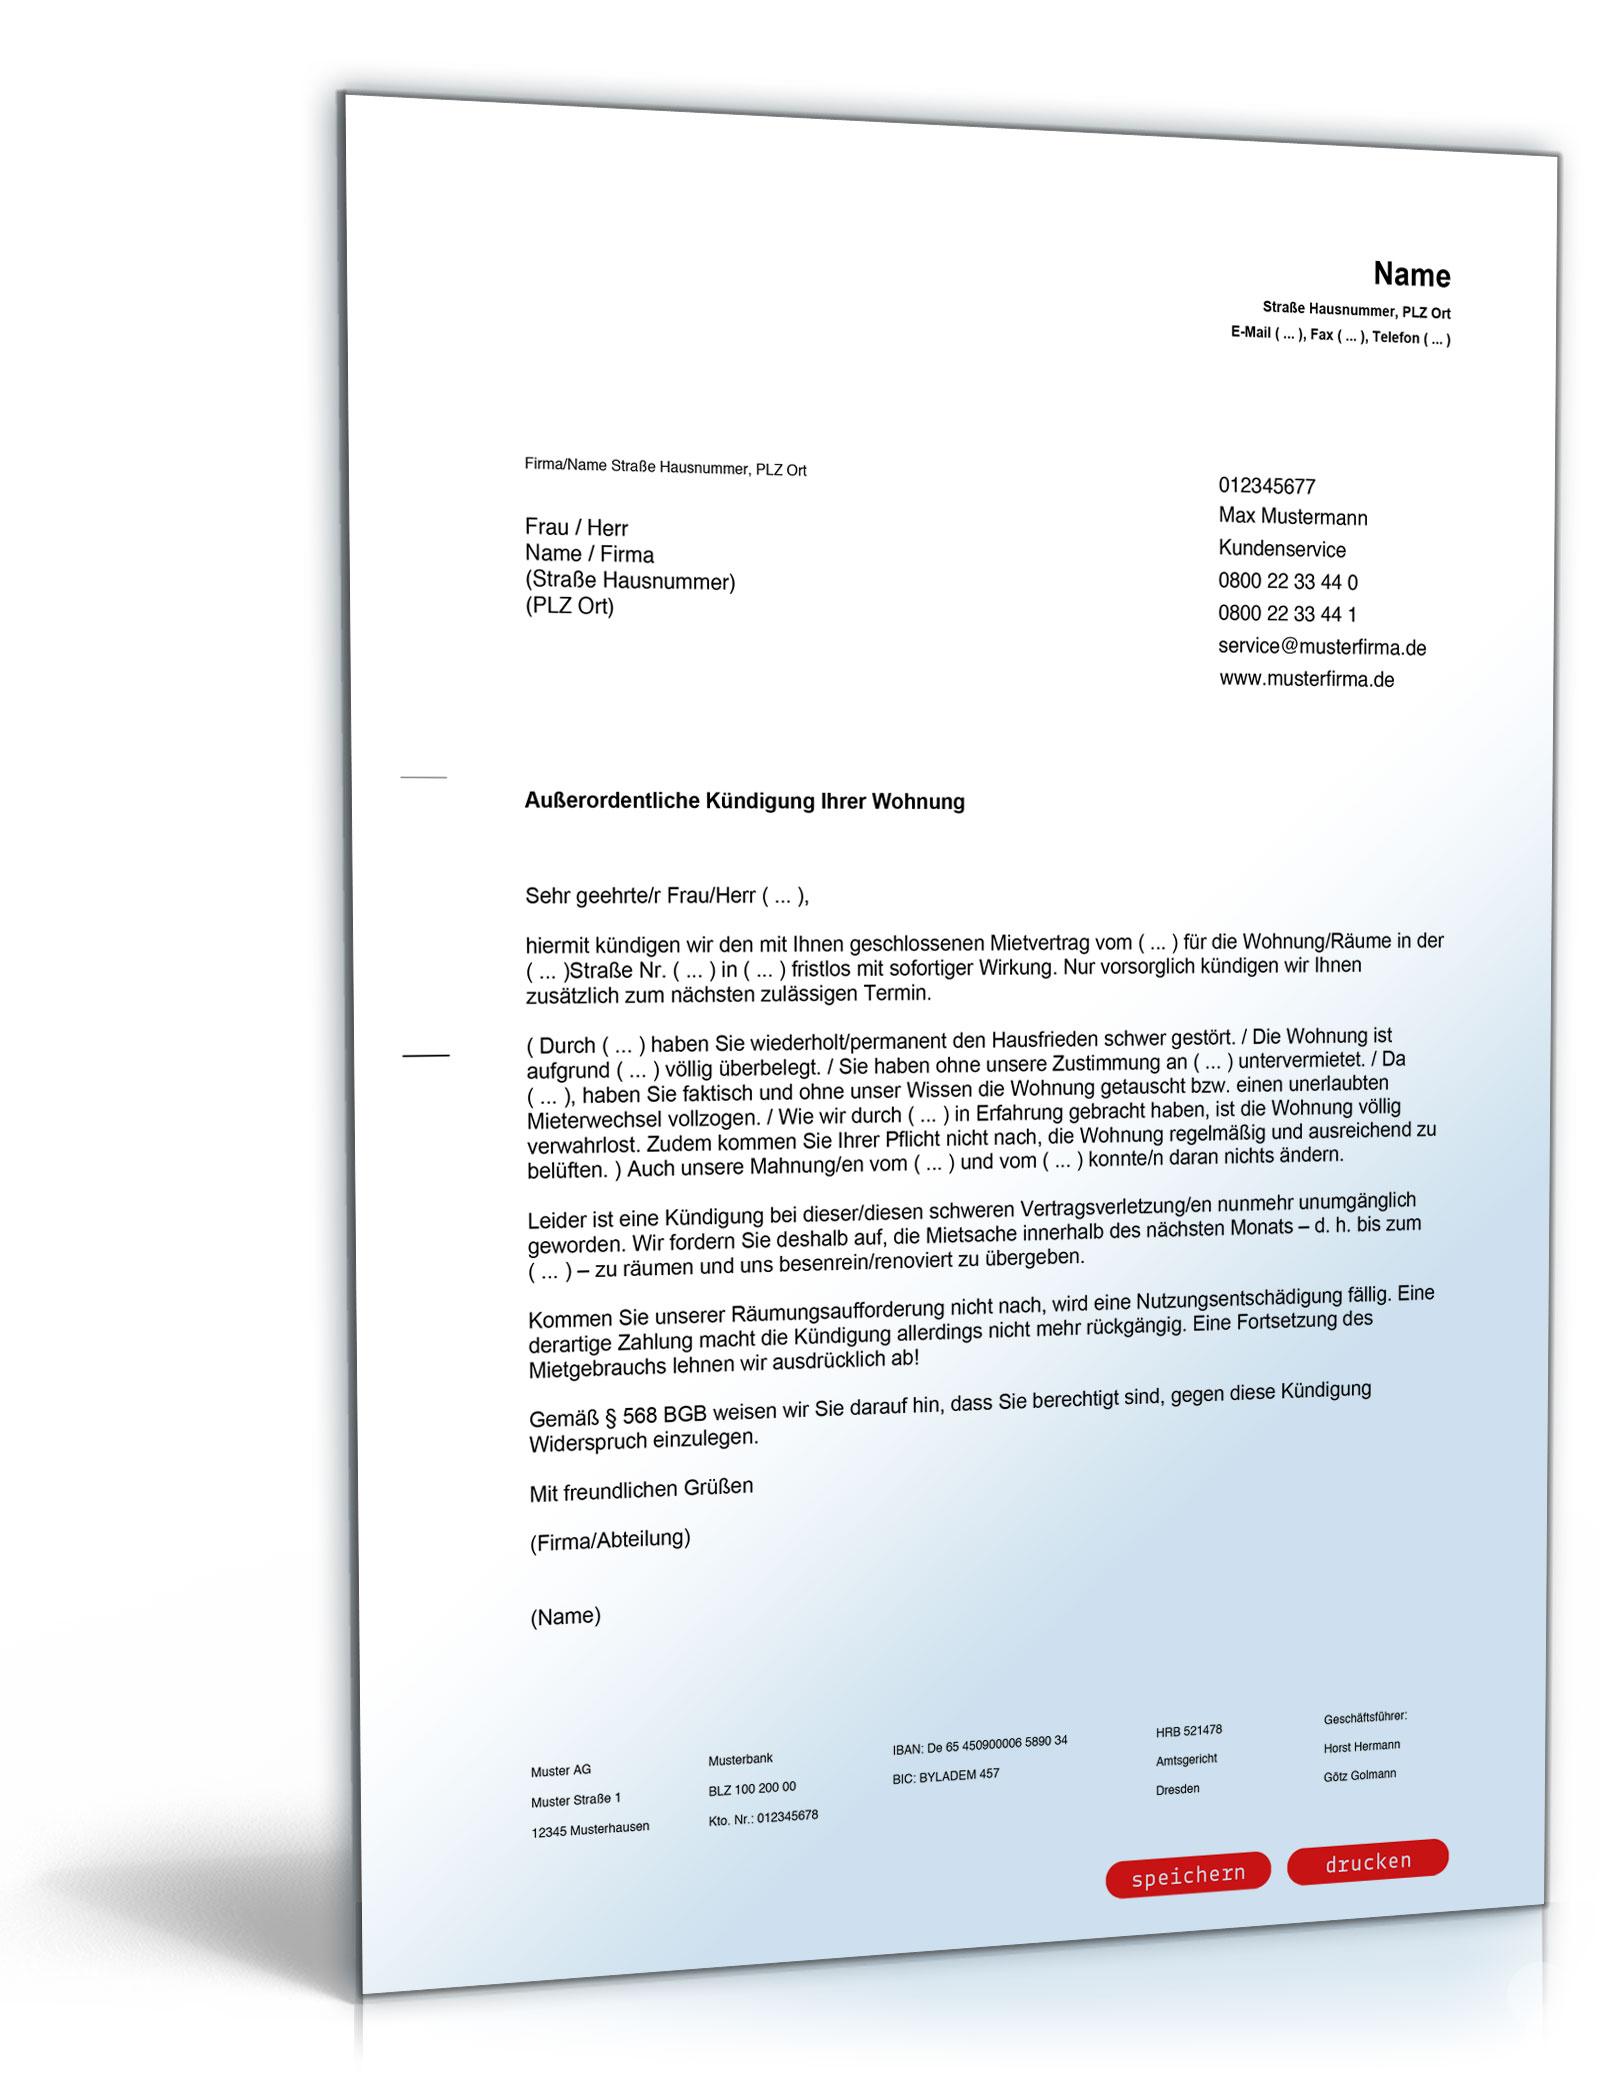 Kündigung Mietvertrag (fristlos, Vermieter)